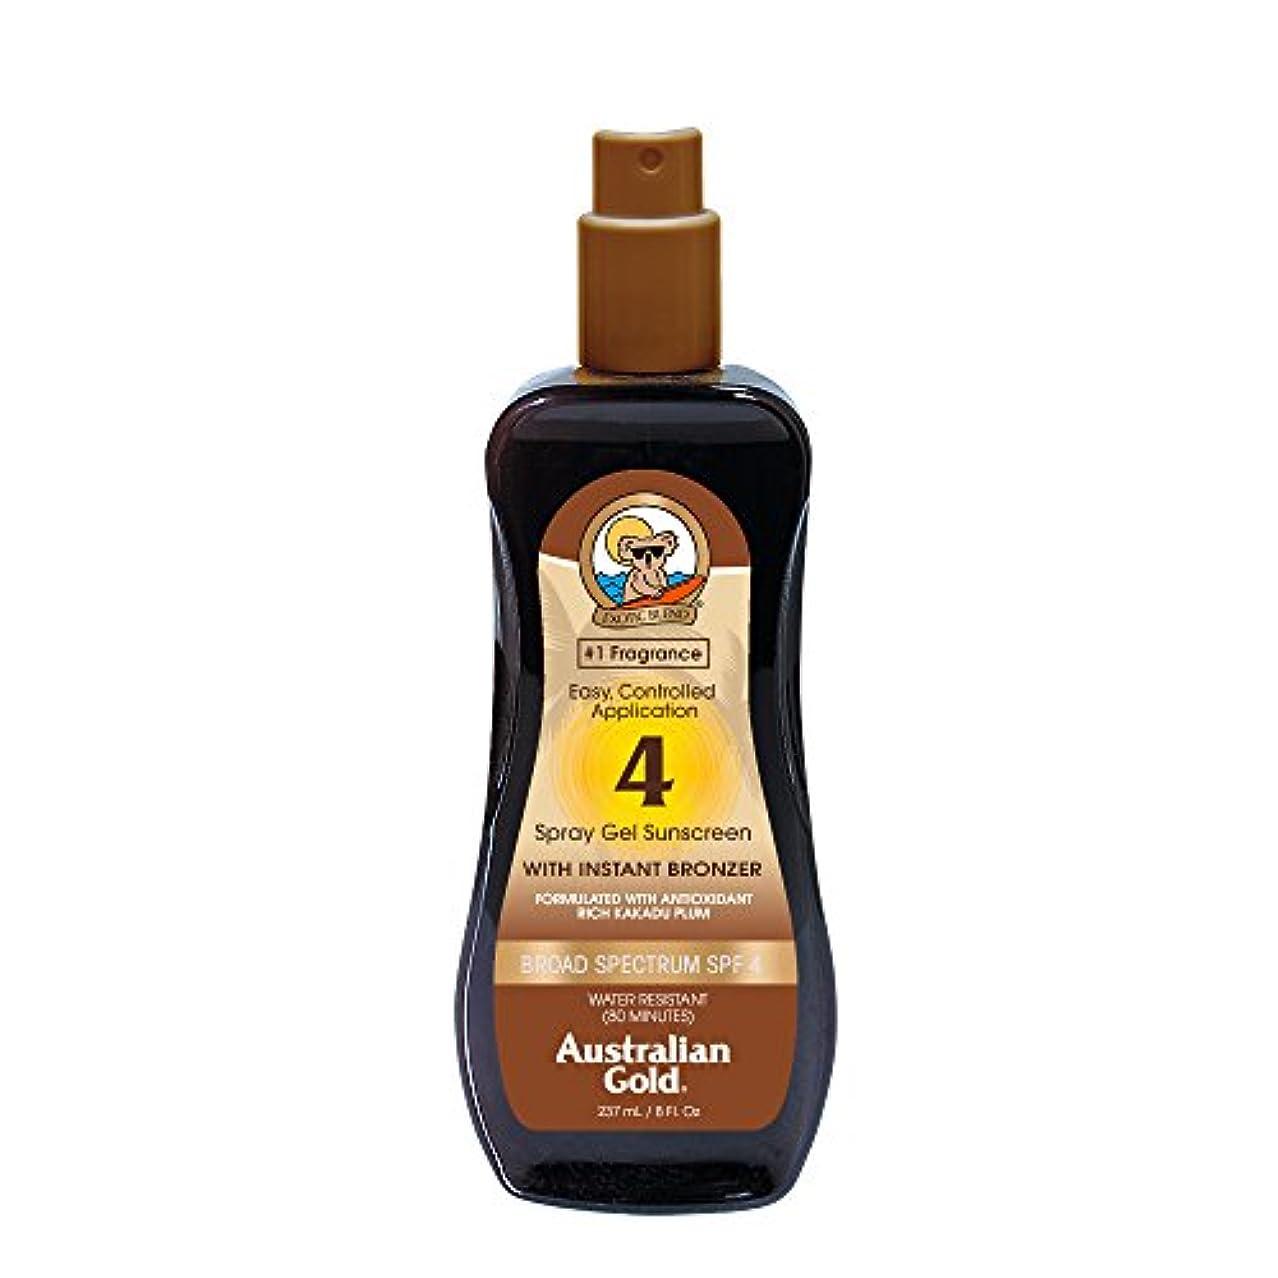 スパーク面倒行動Australian Gold Spray Gel Sunscreen Broad Spectrum SPF 4 with Instant Bronzer 237ml/8oz並行輸入品